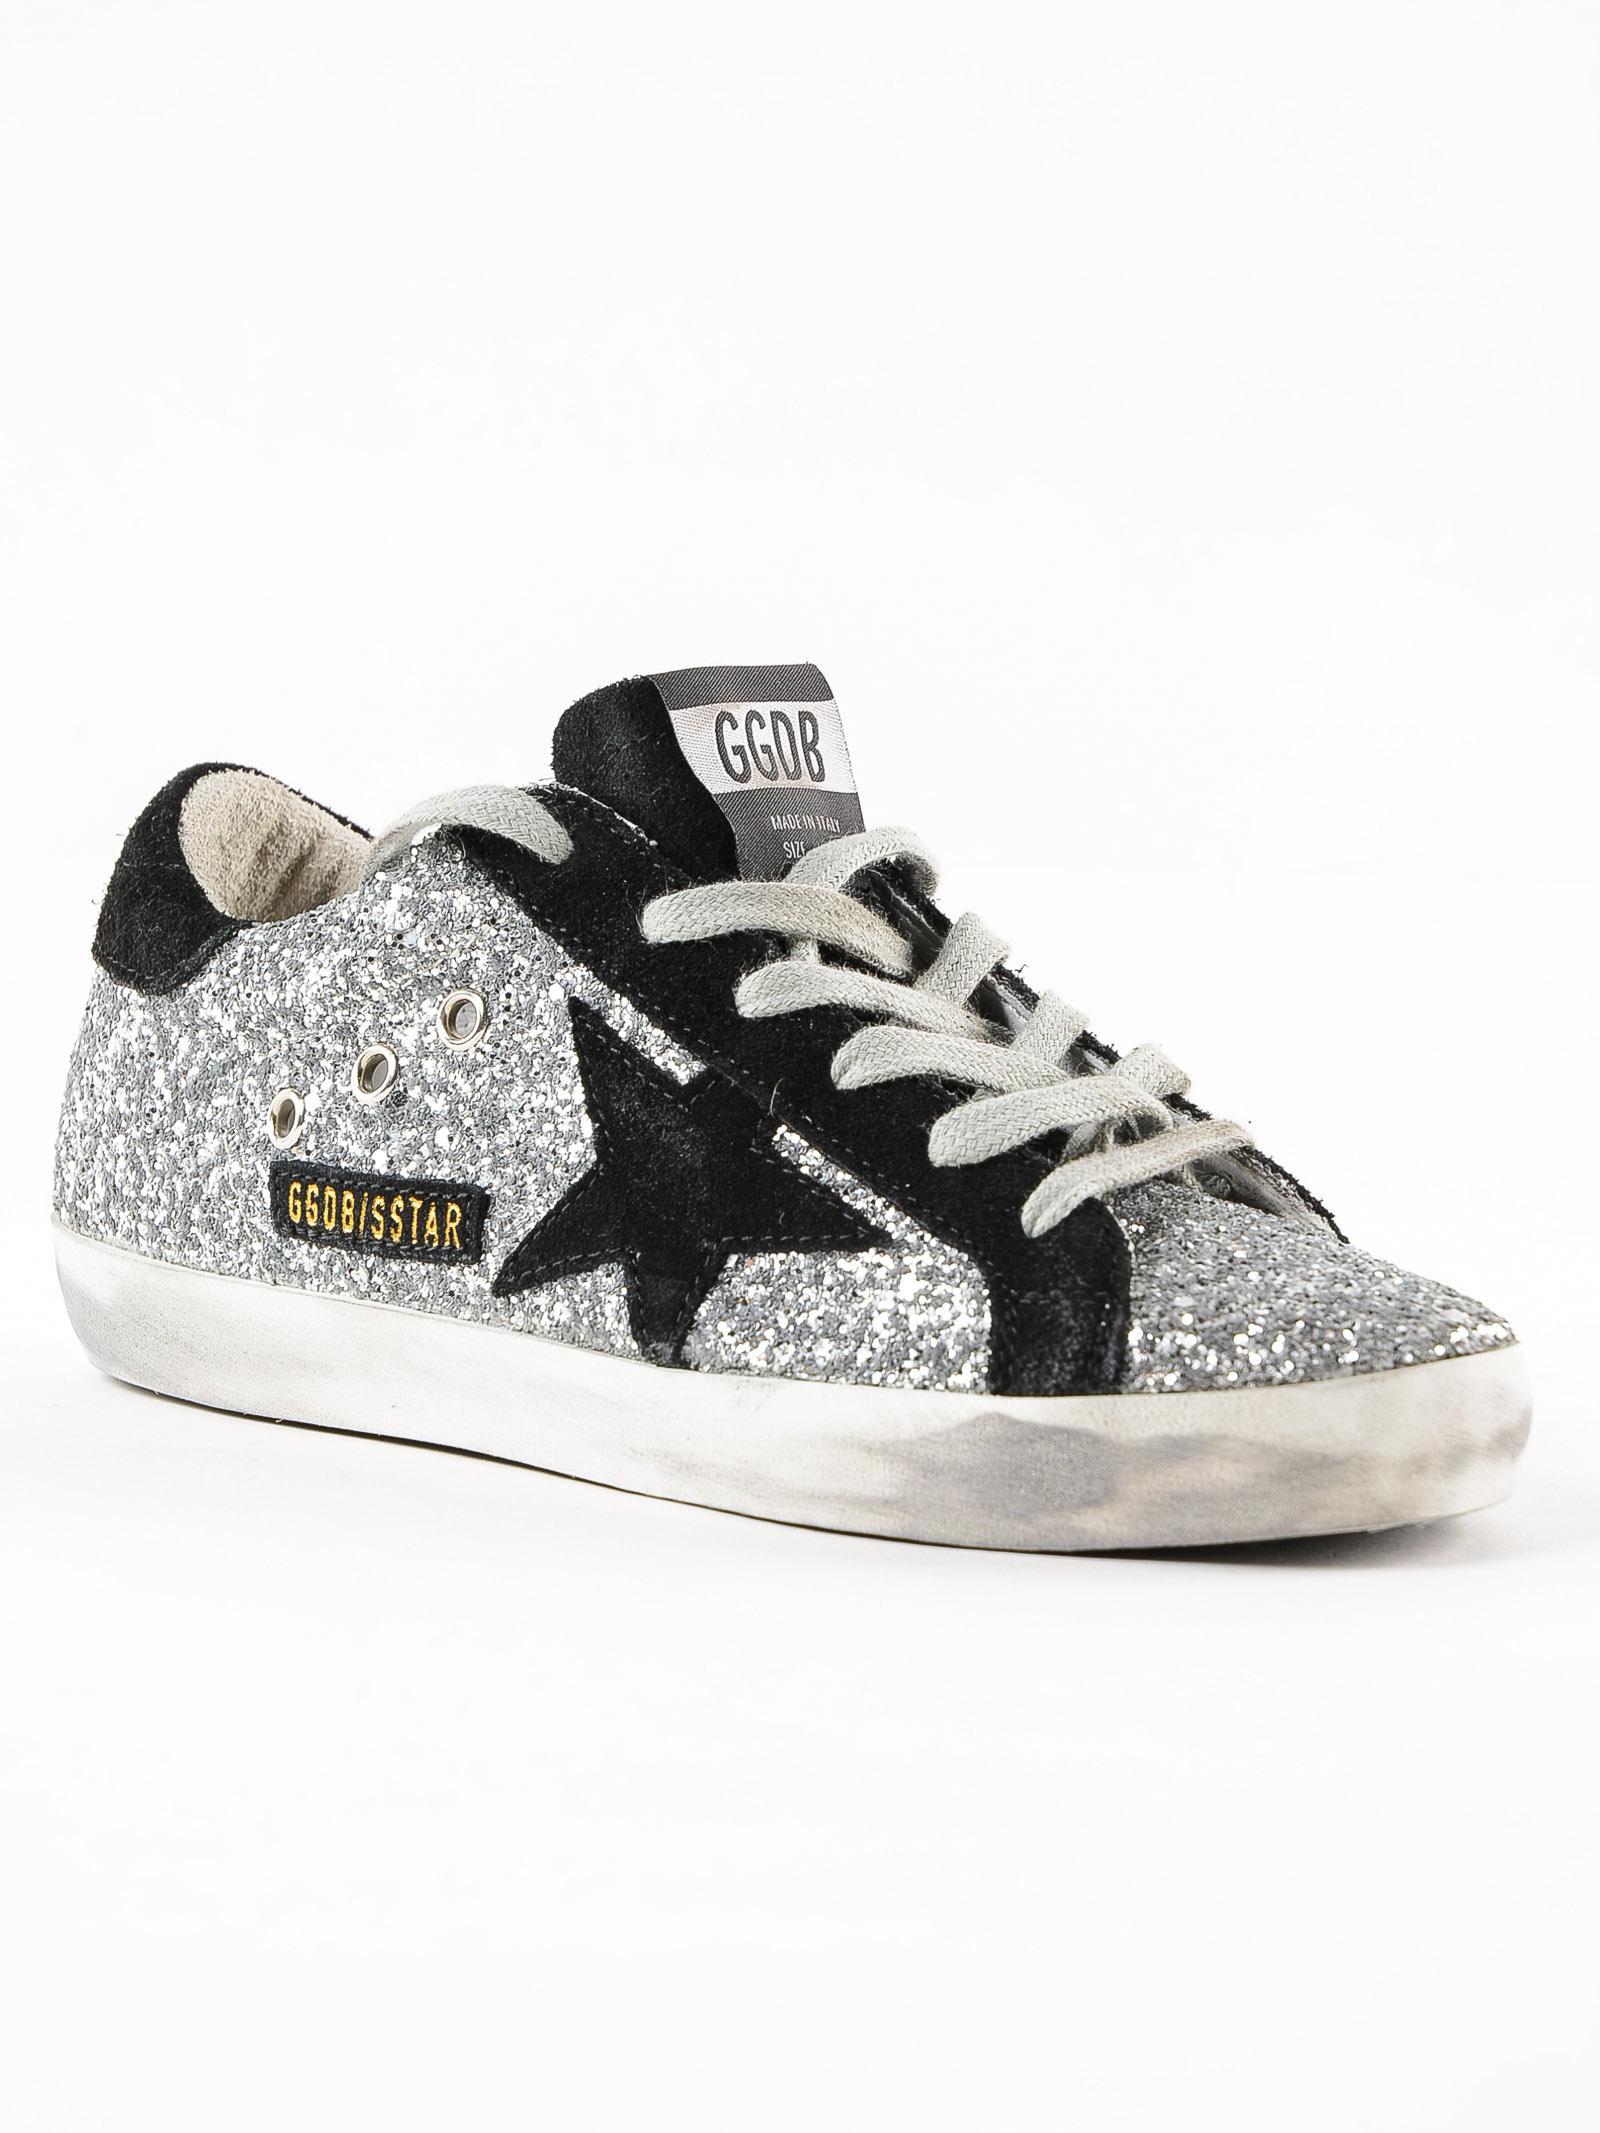 5ac3d9946df5 Lyst - Golden Goose Deluxe Brand Sneakers Superstar in Black